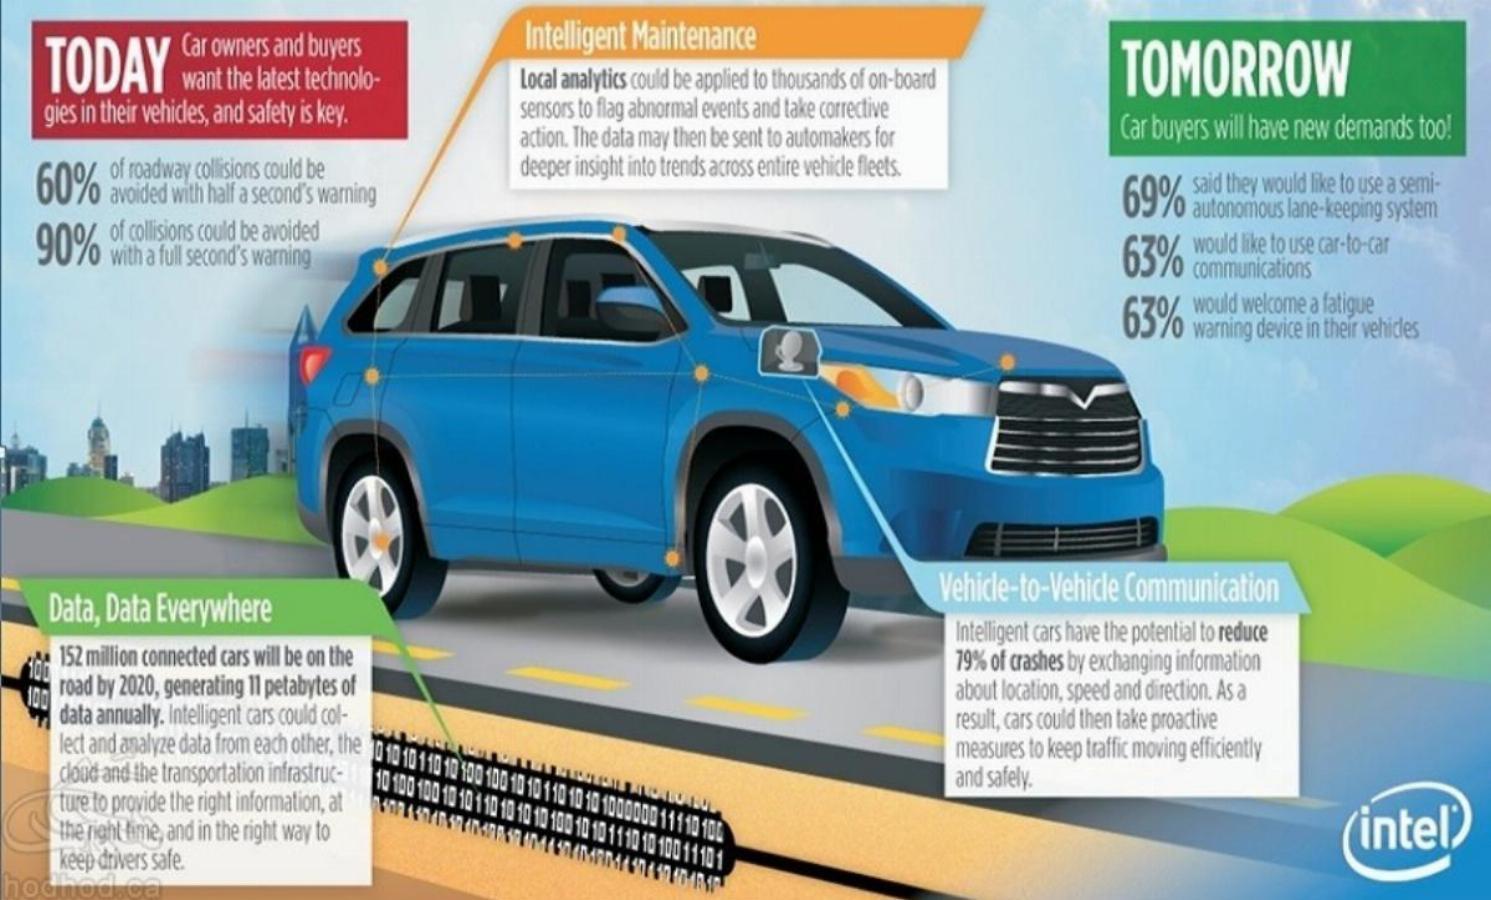 پس از تسلا، گوگل و اپل اینبار ورود اینتل به بازار فناوری خودروهای خودران